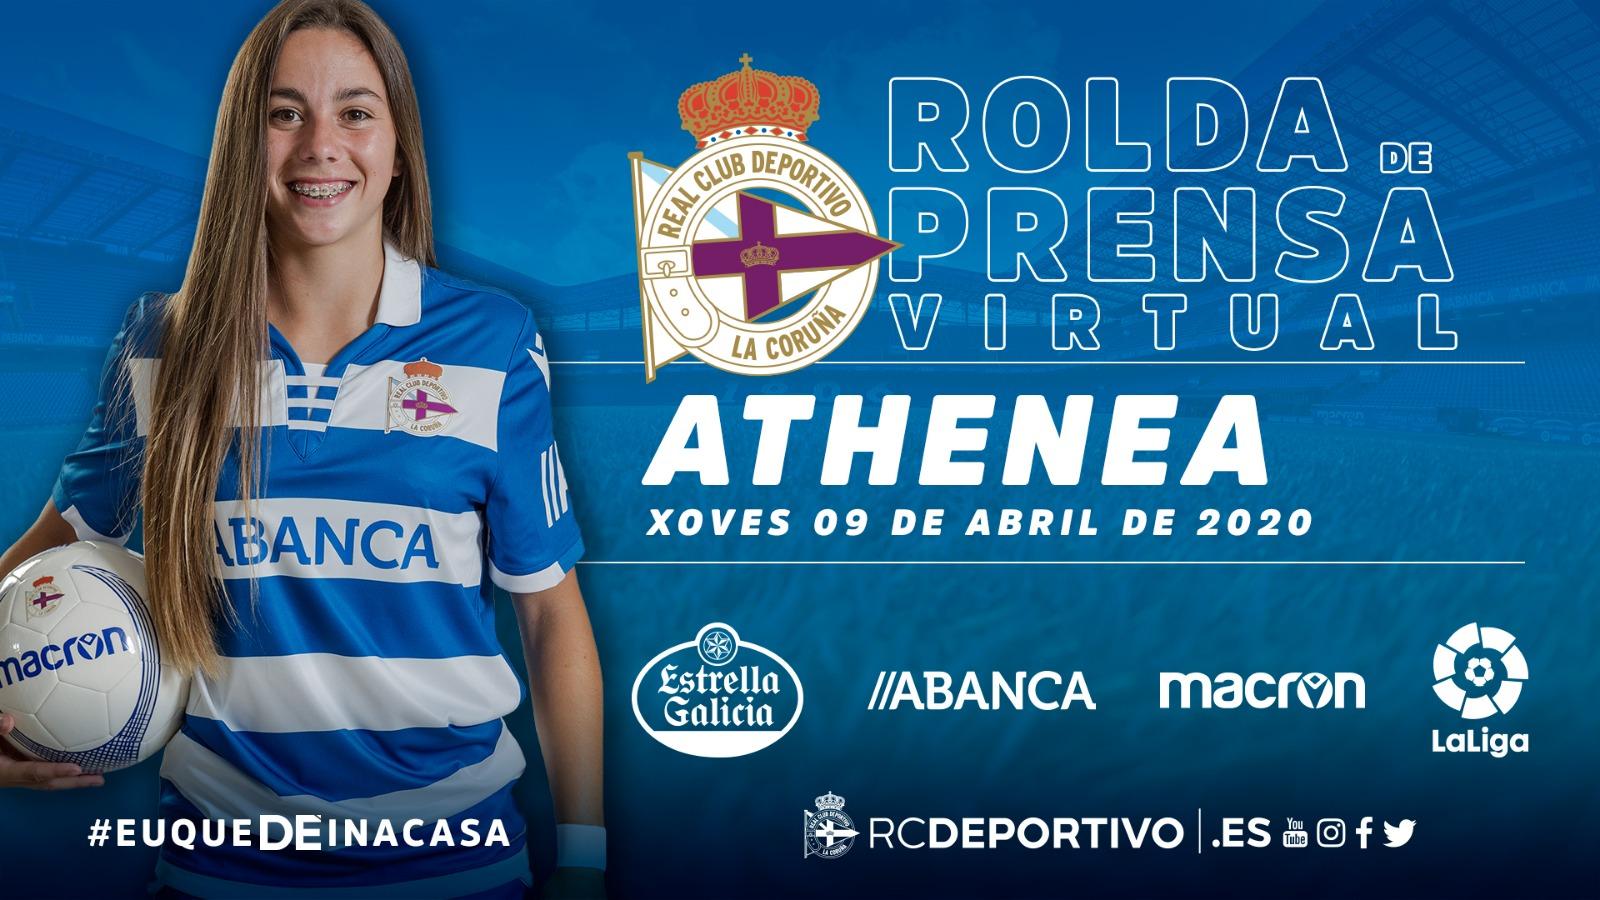 Athenea del Castillo rolda de prensa virtual | RCD